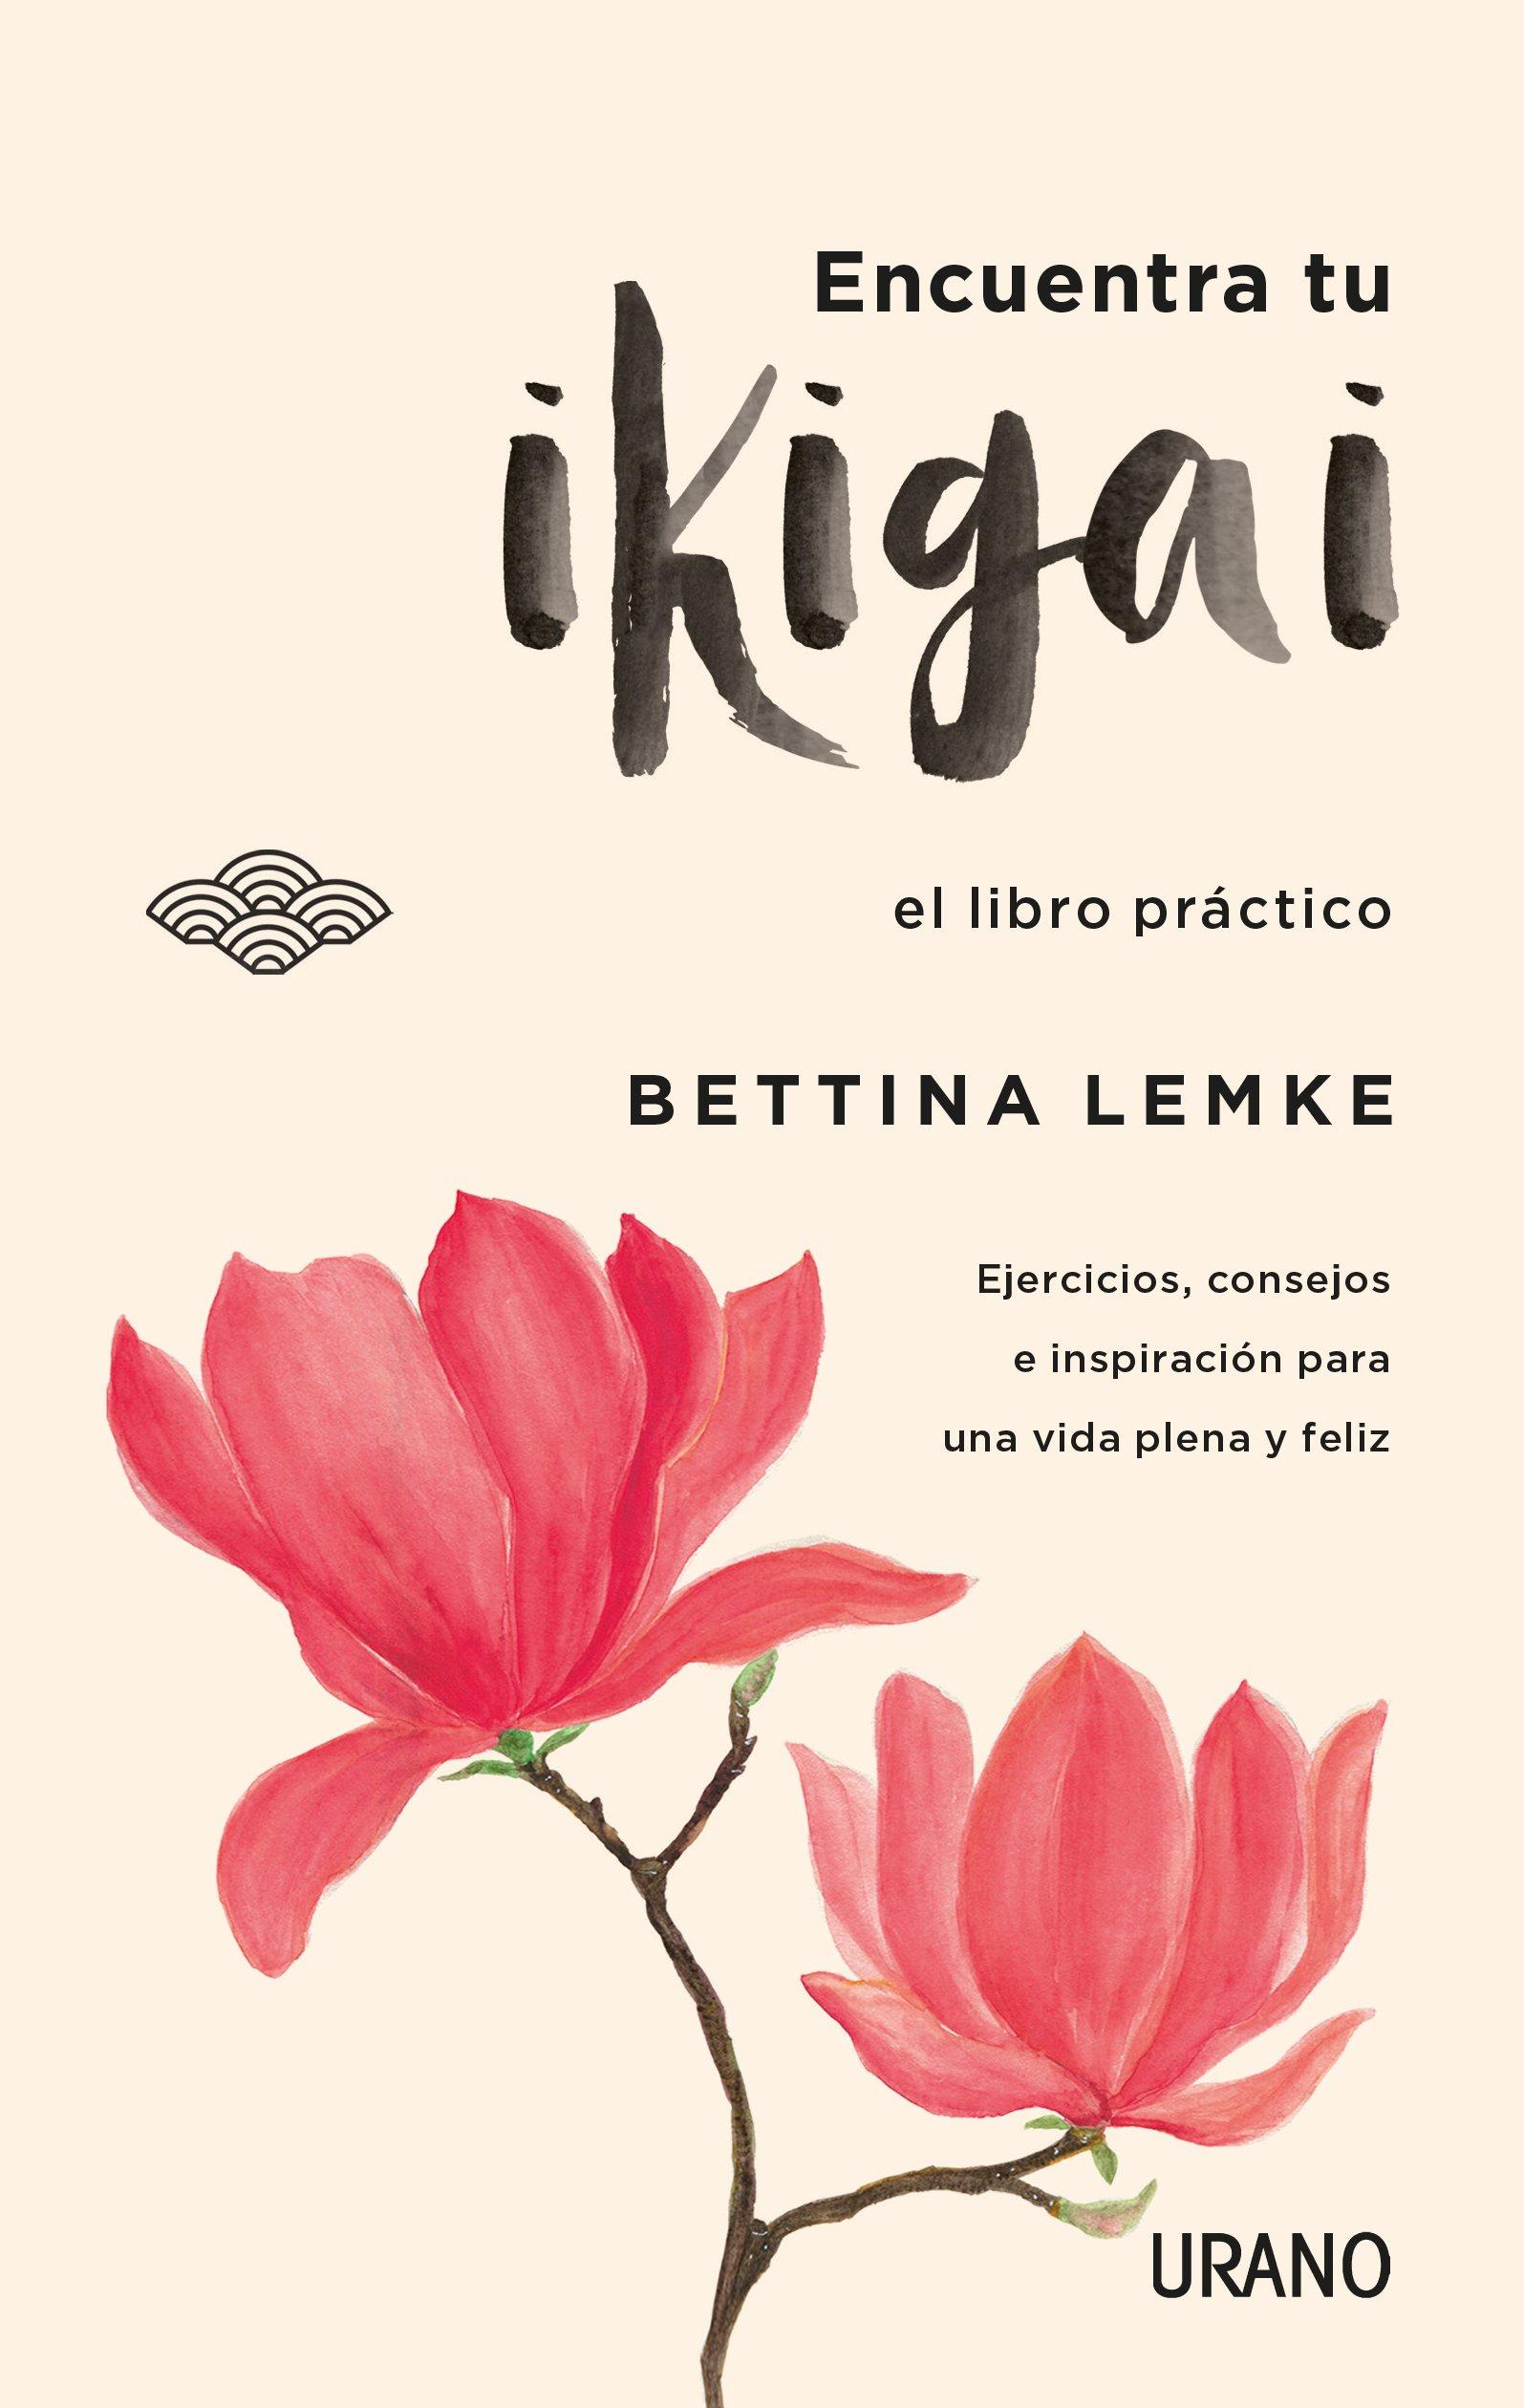 Portada libro - Encuentra tu ikigai